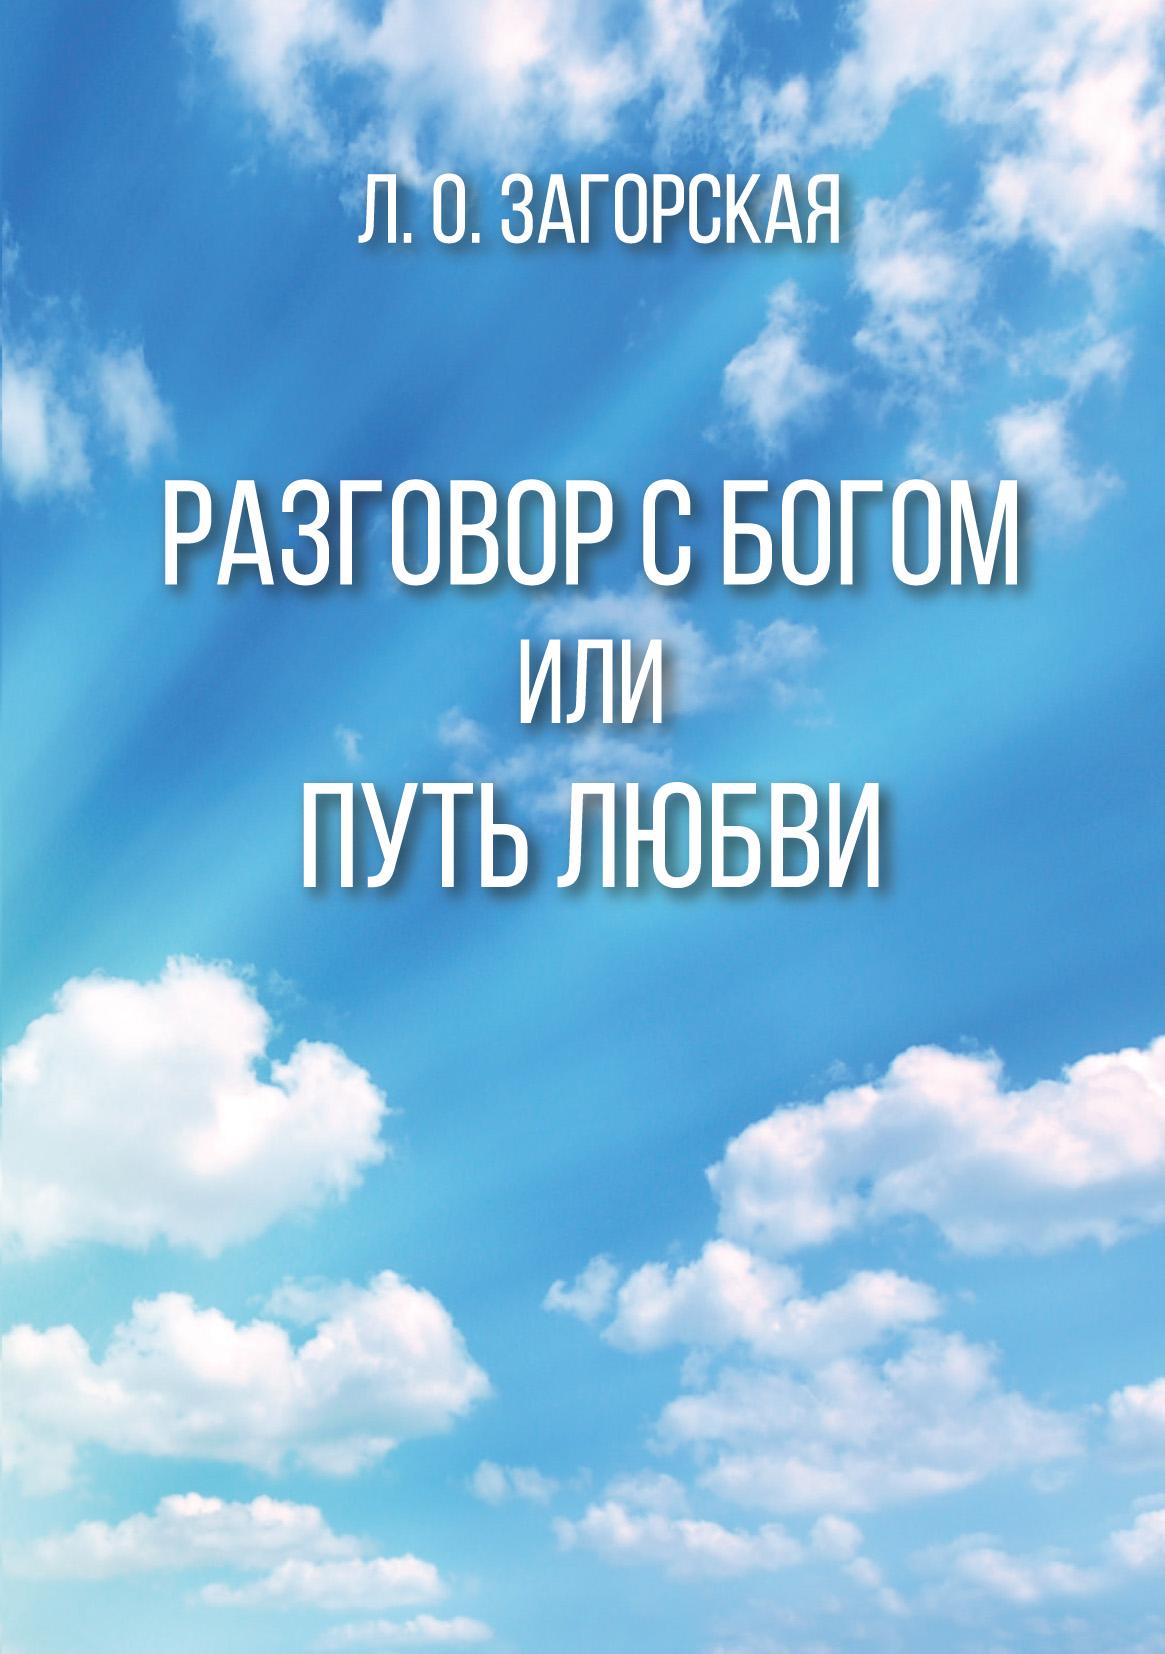 Разговор с Богом, или Путь Любви